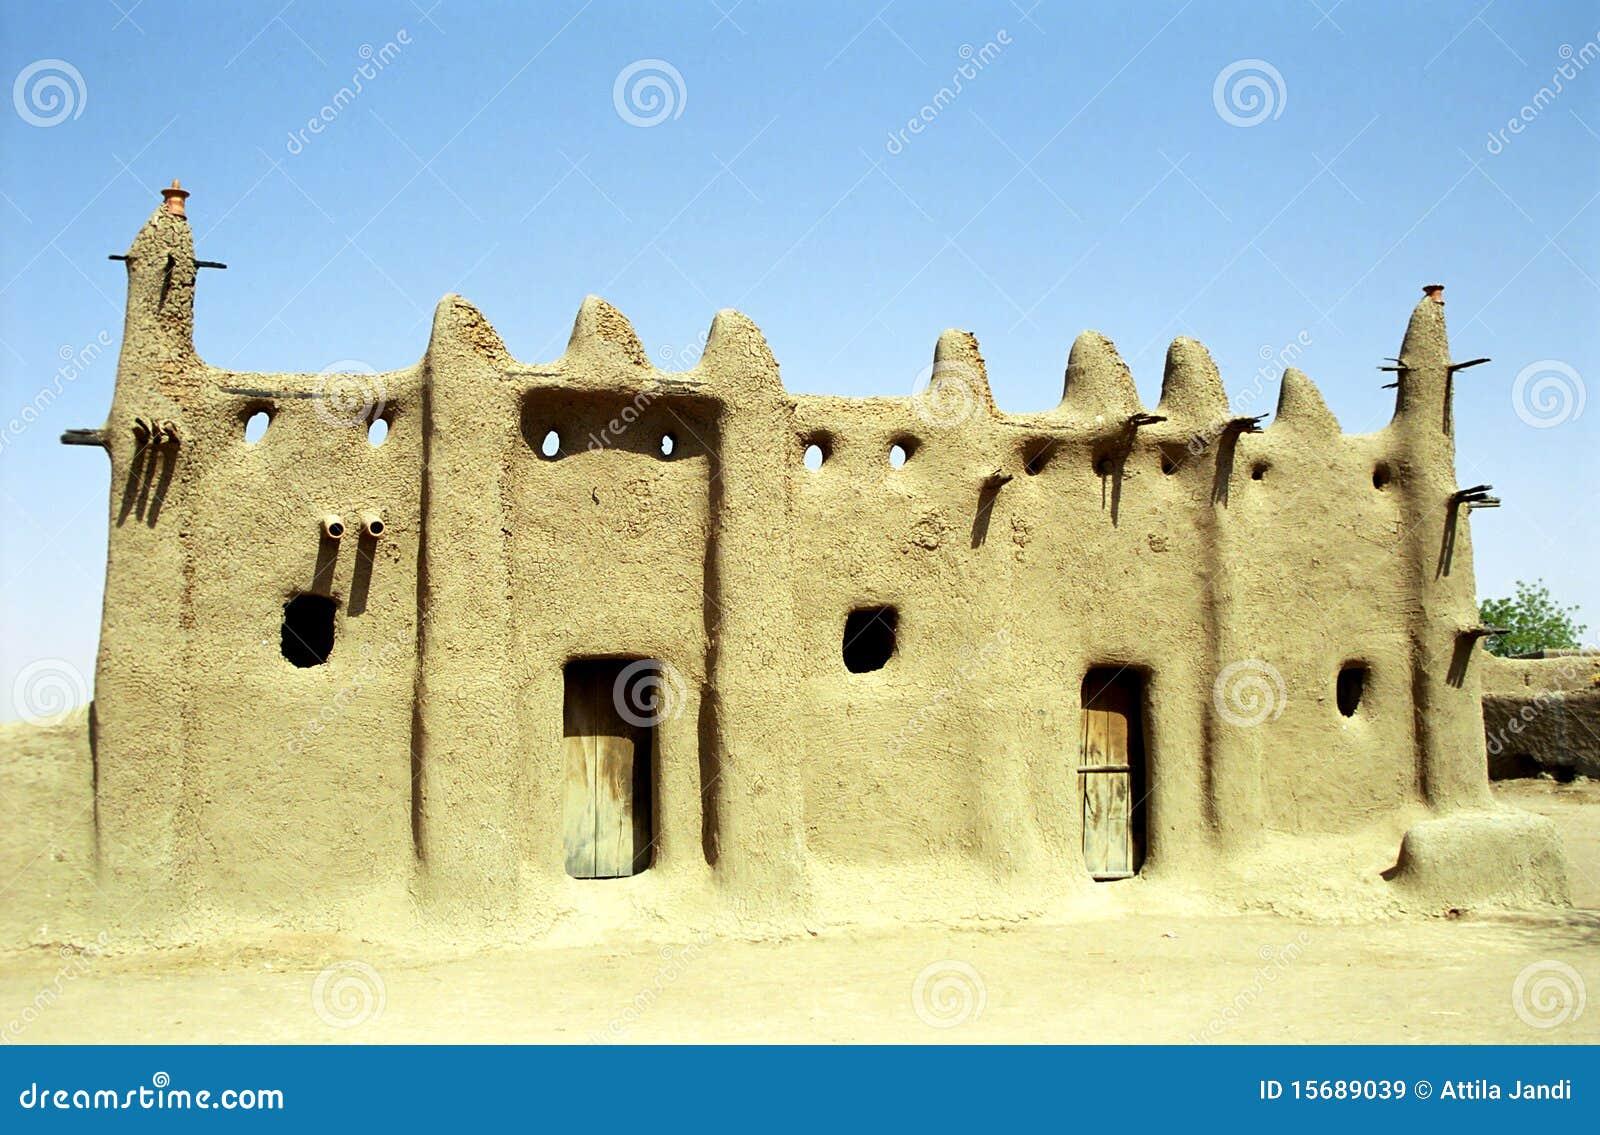 Moschea del fango senossa mali immagini stock libere da for Disegni della stanza del fango